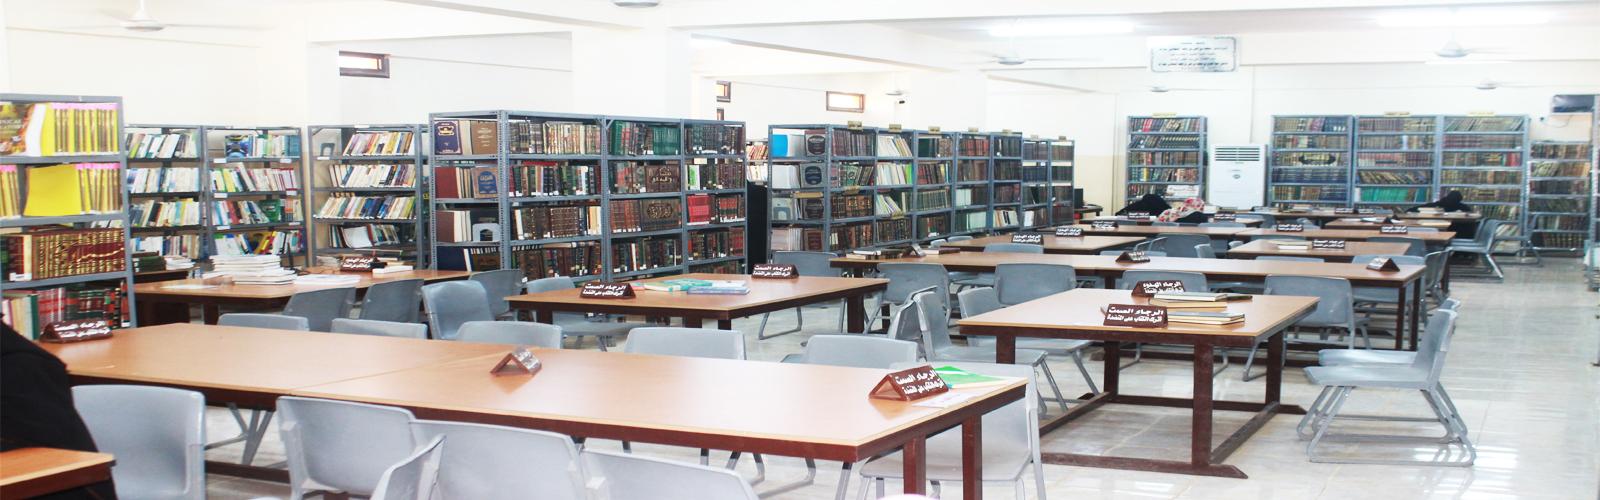 مكتبة  كلية دلتا العلوم والتكنولوجيا عام 2003م مع بداية نشأة الكلية